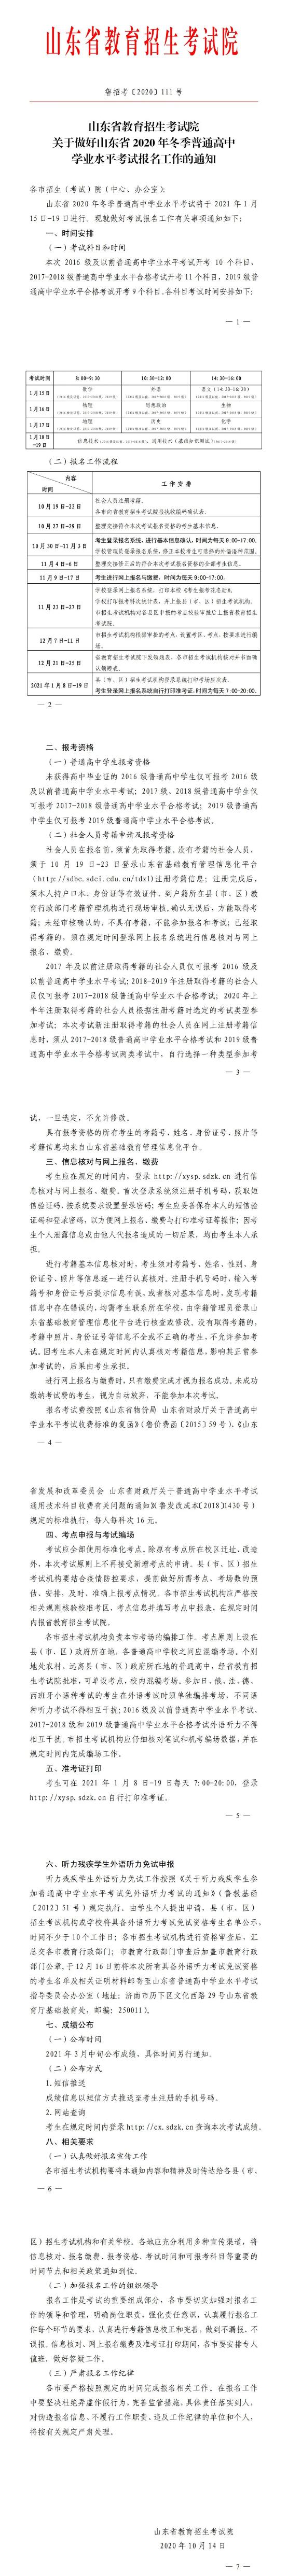 """山东省2020冬季""""学考""""即将开始报名!2021年1月15日开考"""